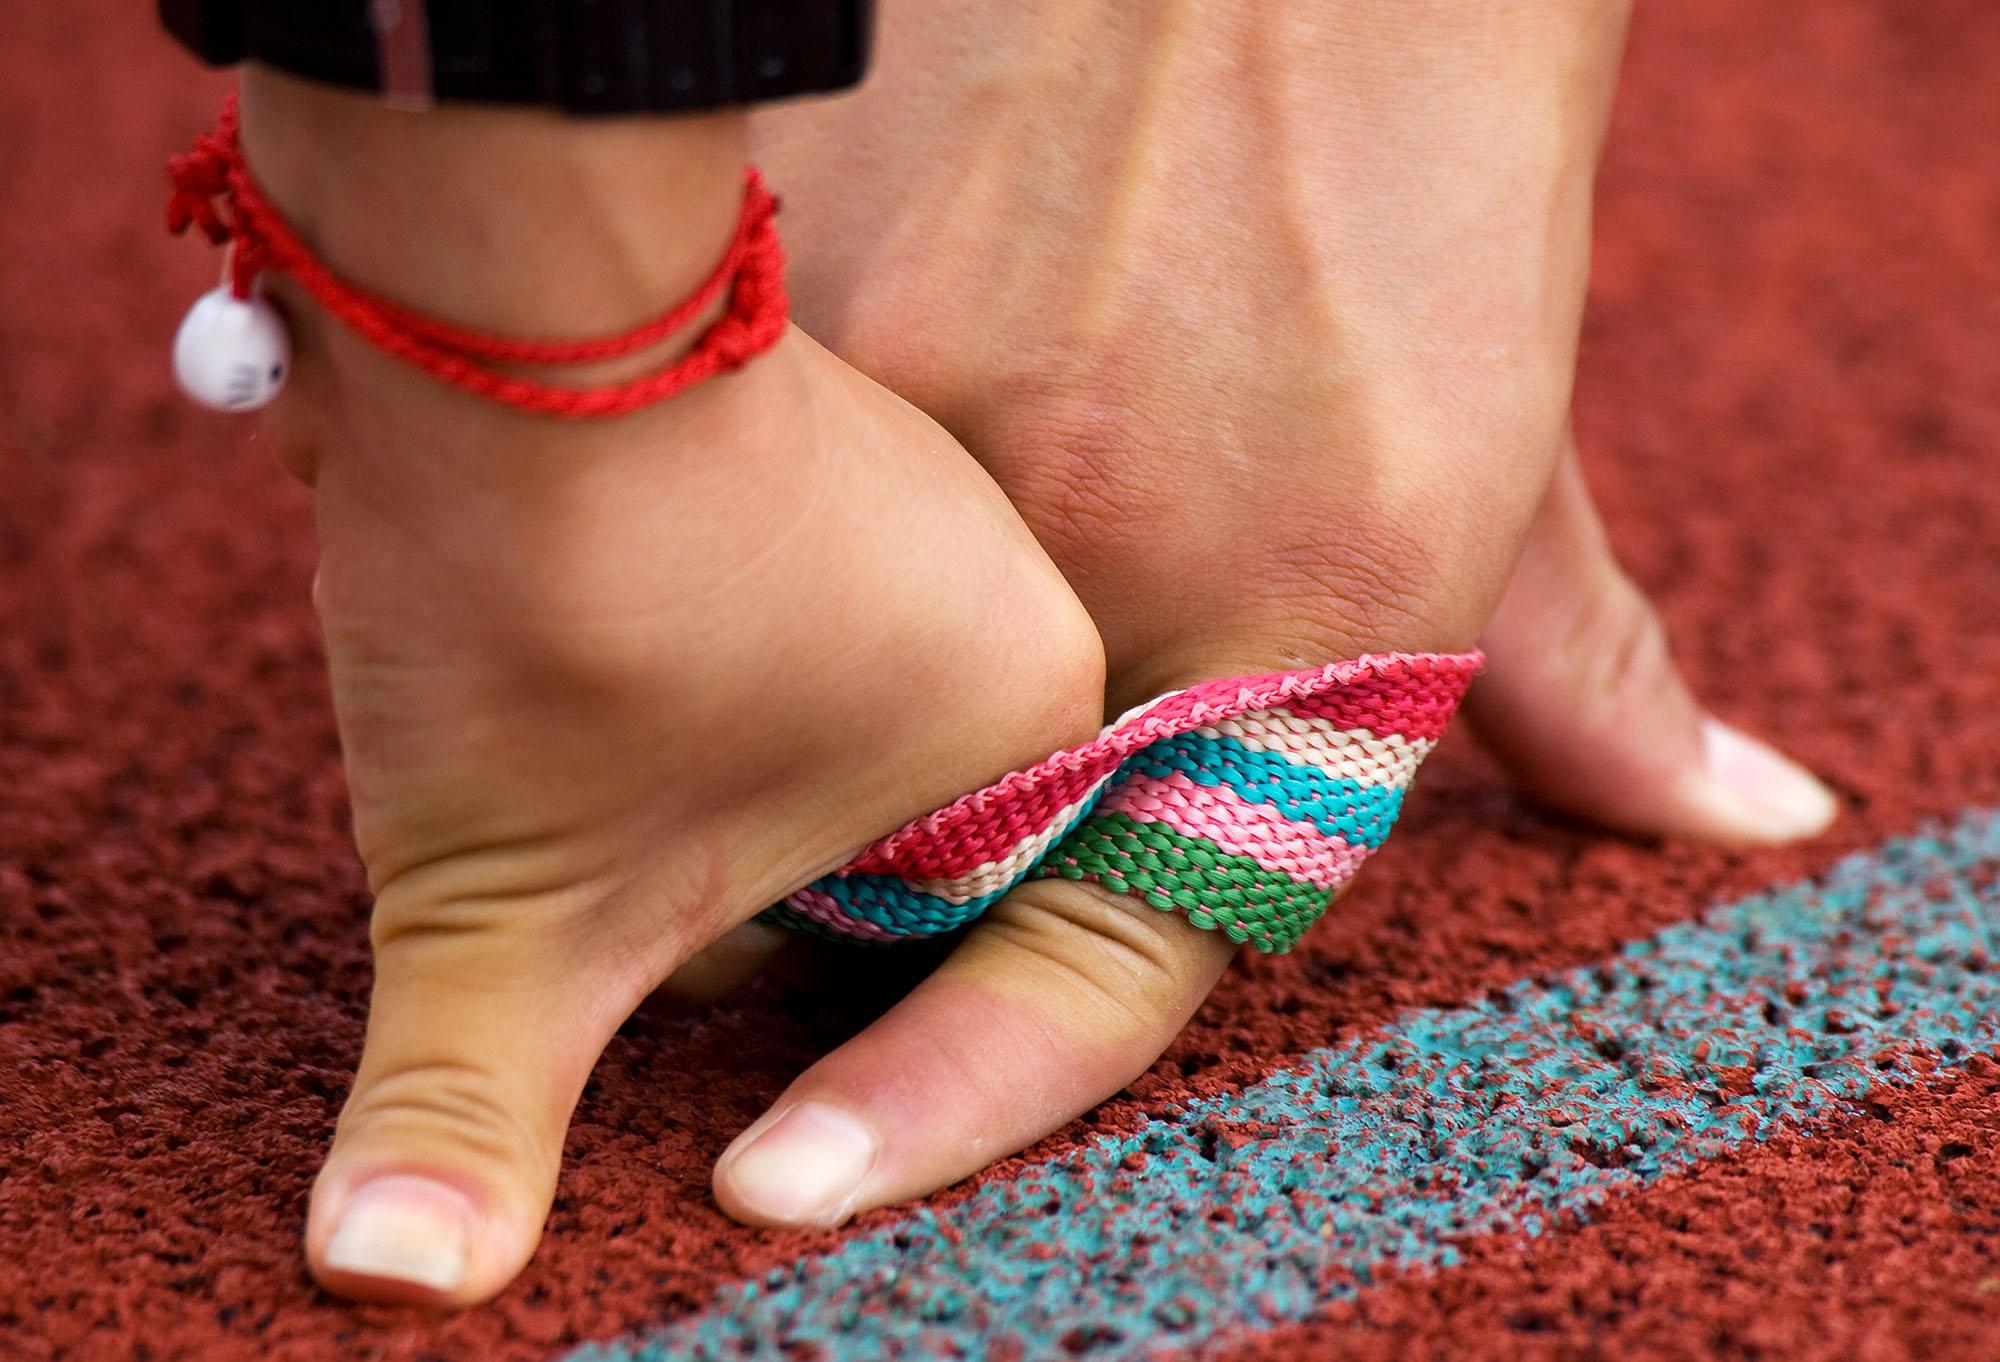 陸上女子100M(T11クラス)、視覚に障害の持つ選手と伴走者を繋ぐ紐=パラ陸上世界選手権アッセン大会・オランダ